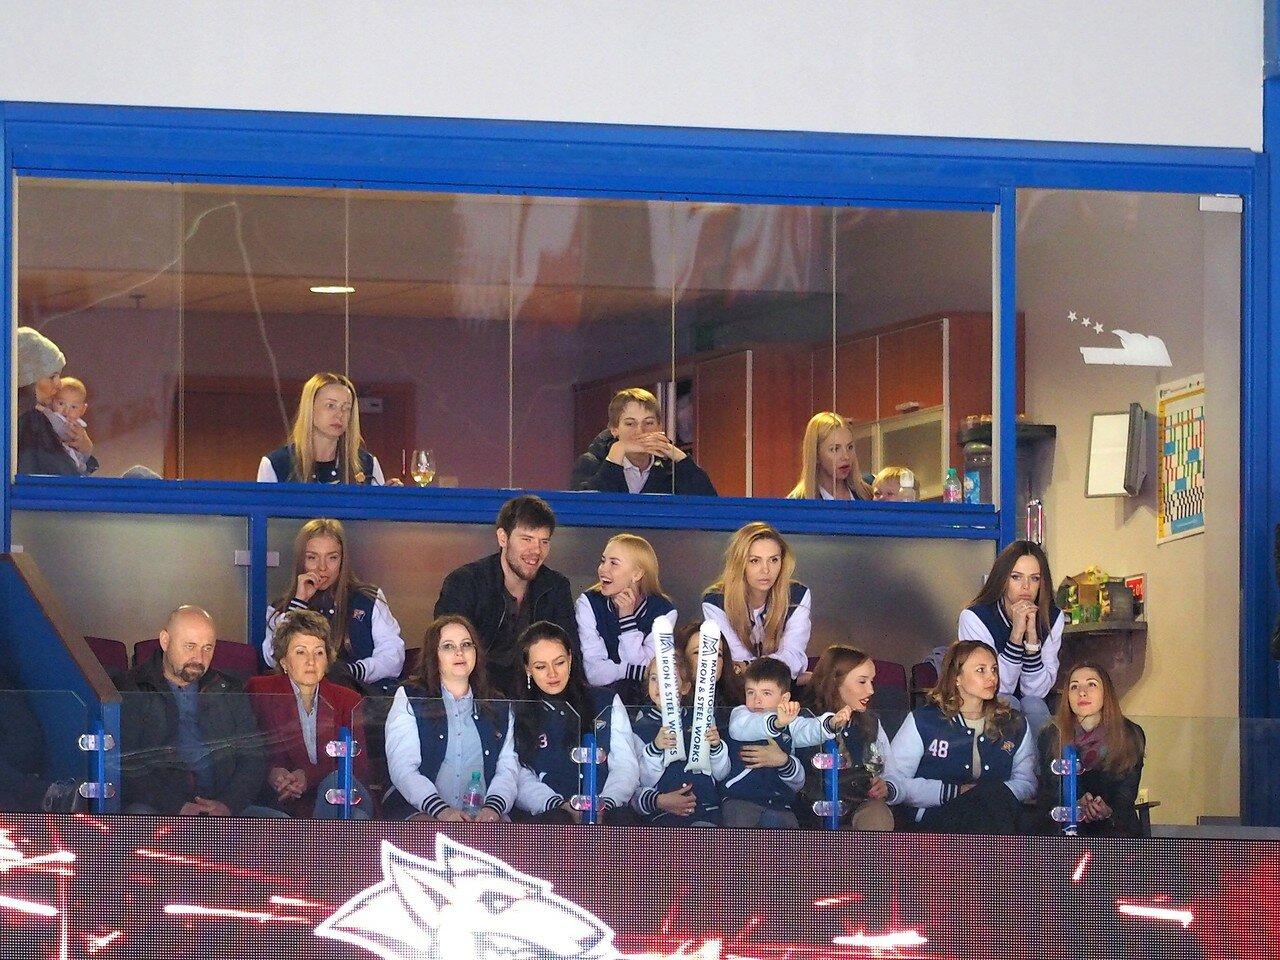 80 Первая игра финала плей-офф восточной конференции 2017 Металлург - АкБарс 24.03.2017